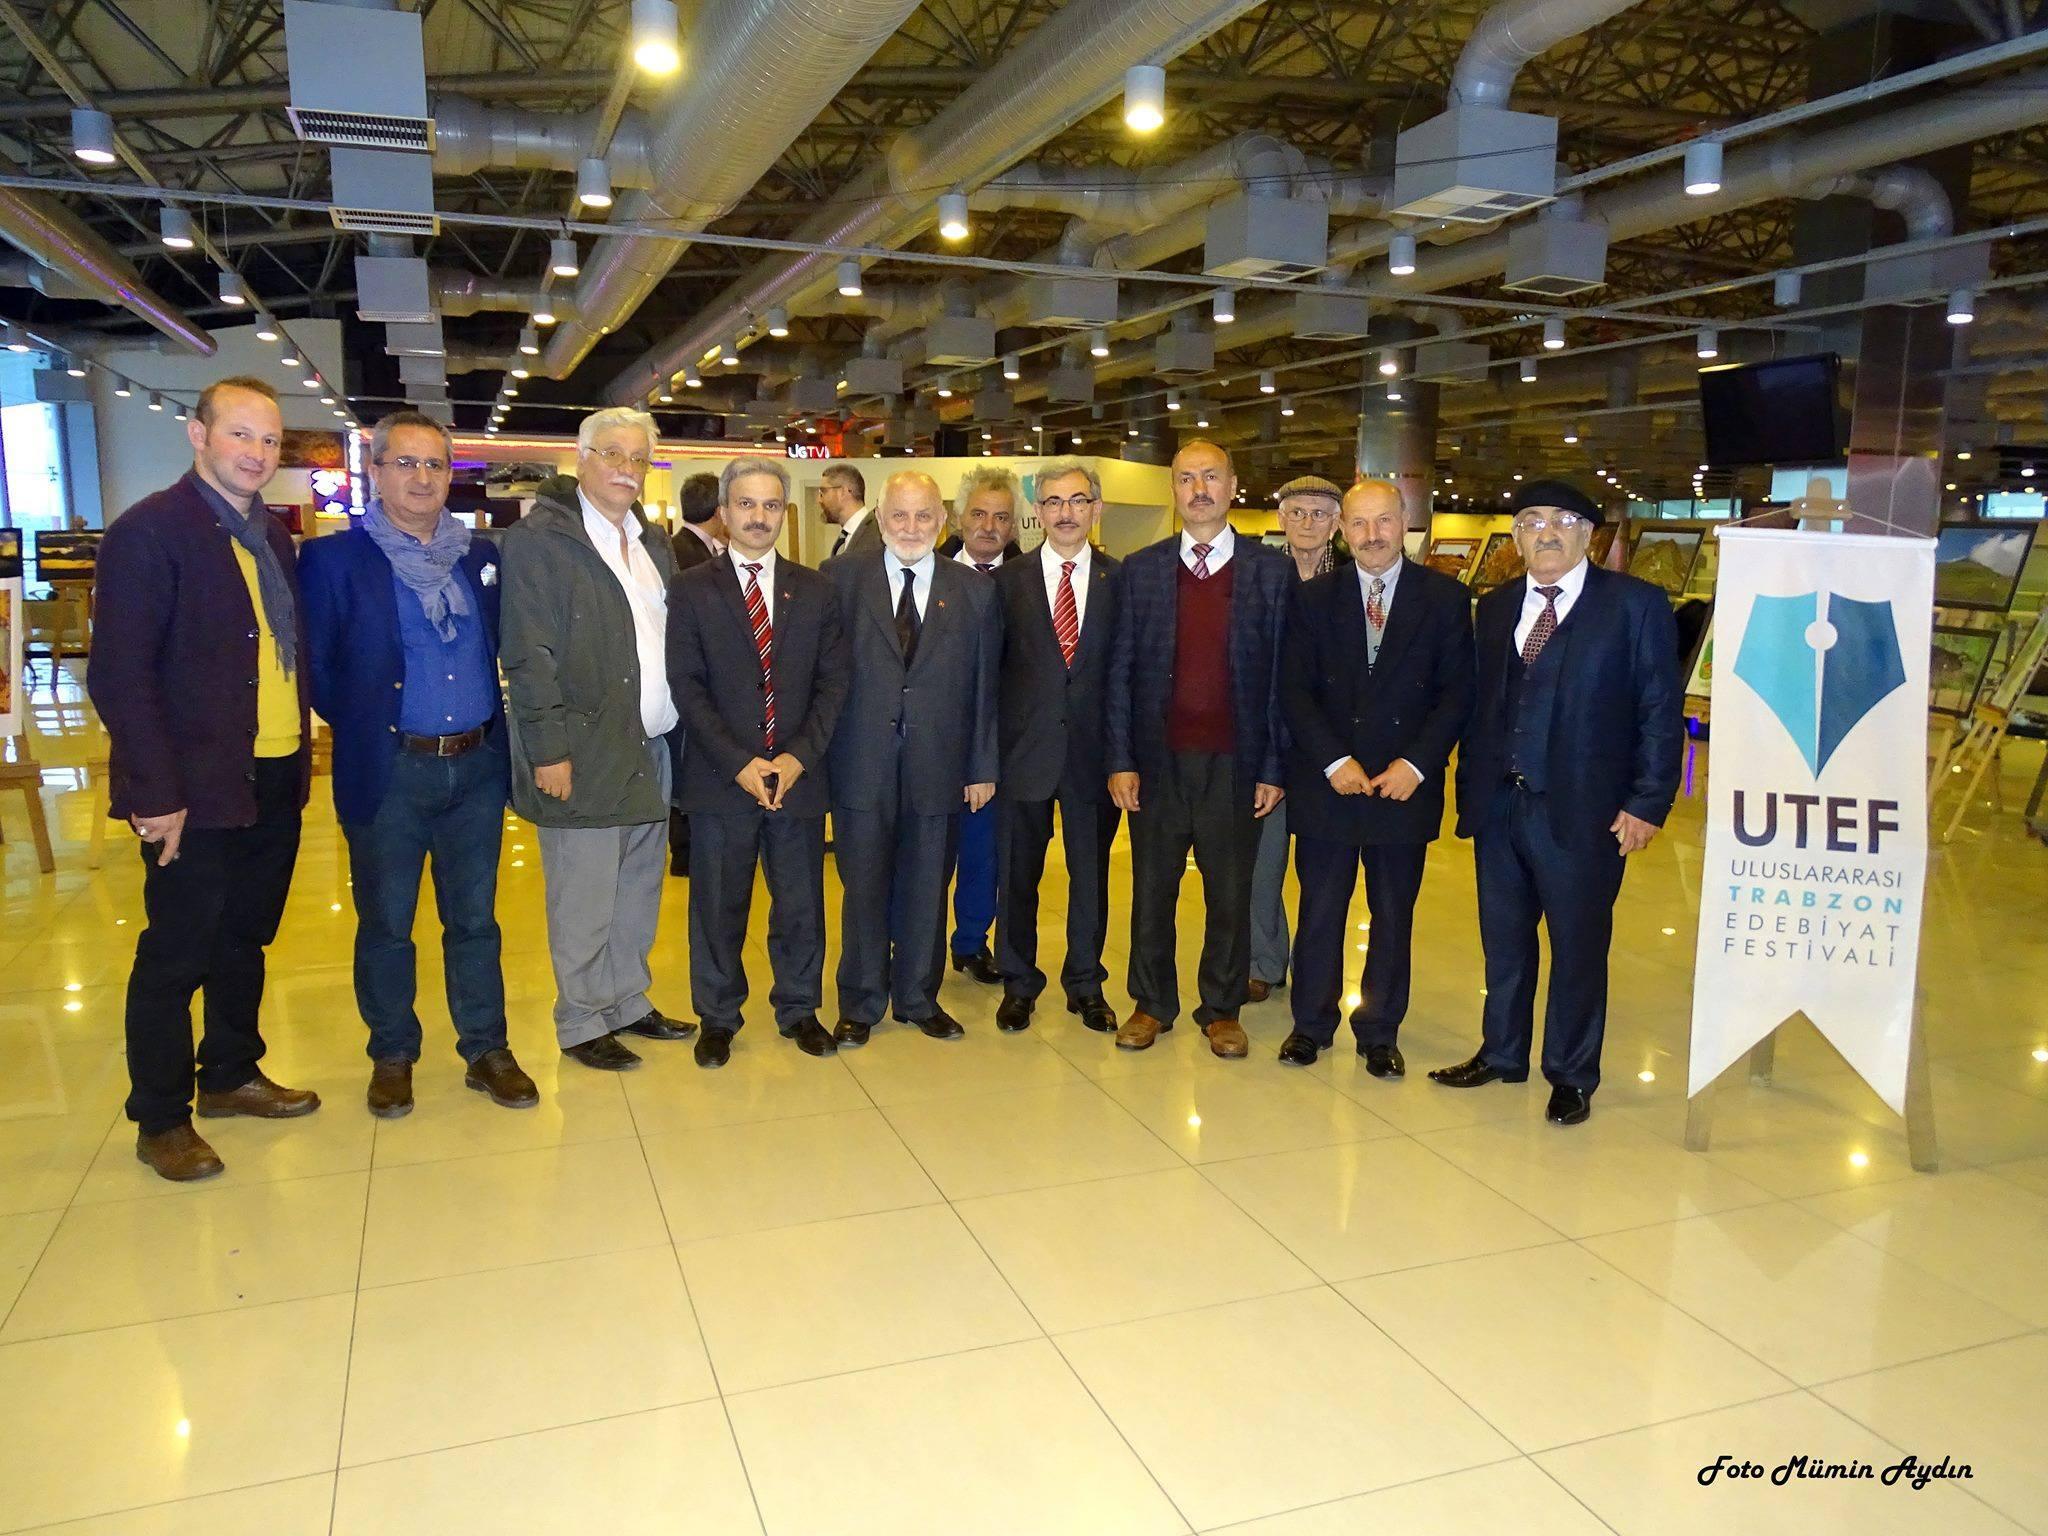 Trabzon Şubesi Uluslararası Trabzon Edebiyat Festivali'ne katıldı